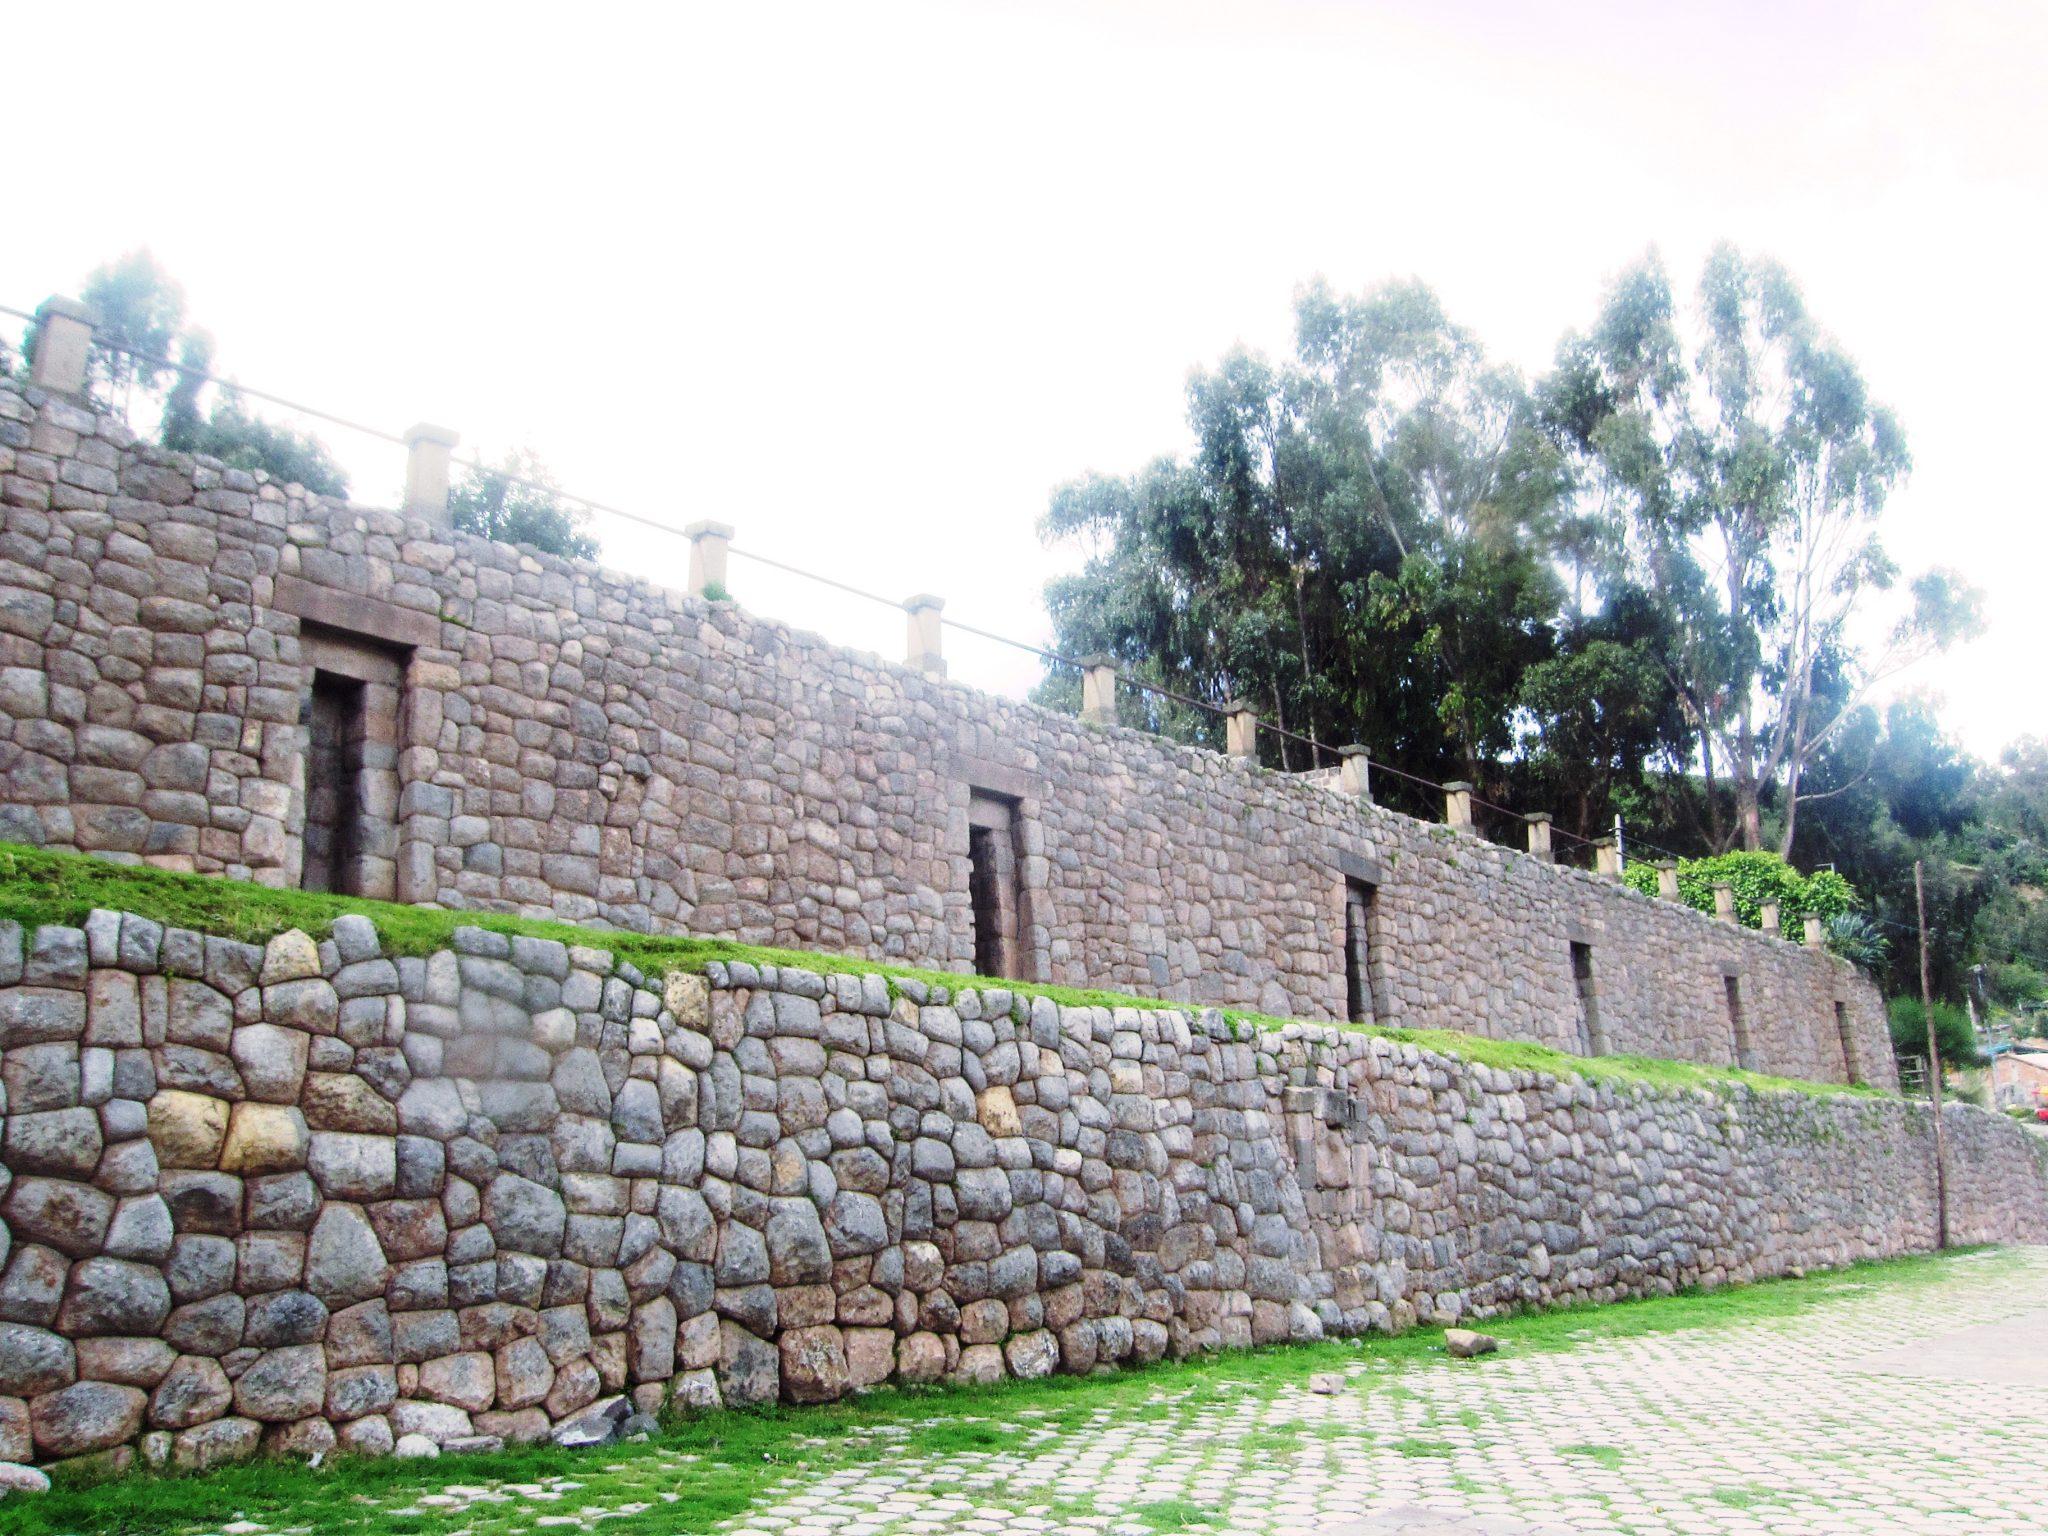 ペルー, クスコ, 観光スポット, 展望台, San Cristobal, Qolqanpata